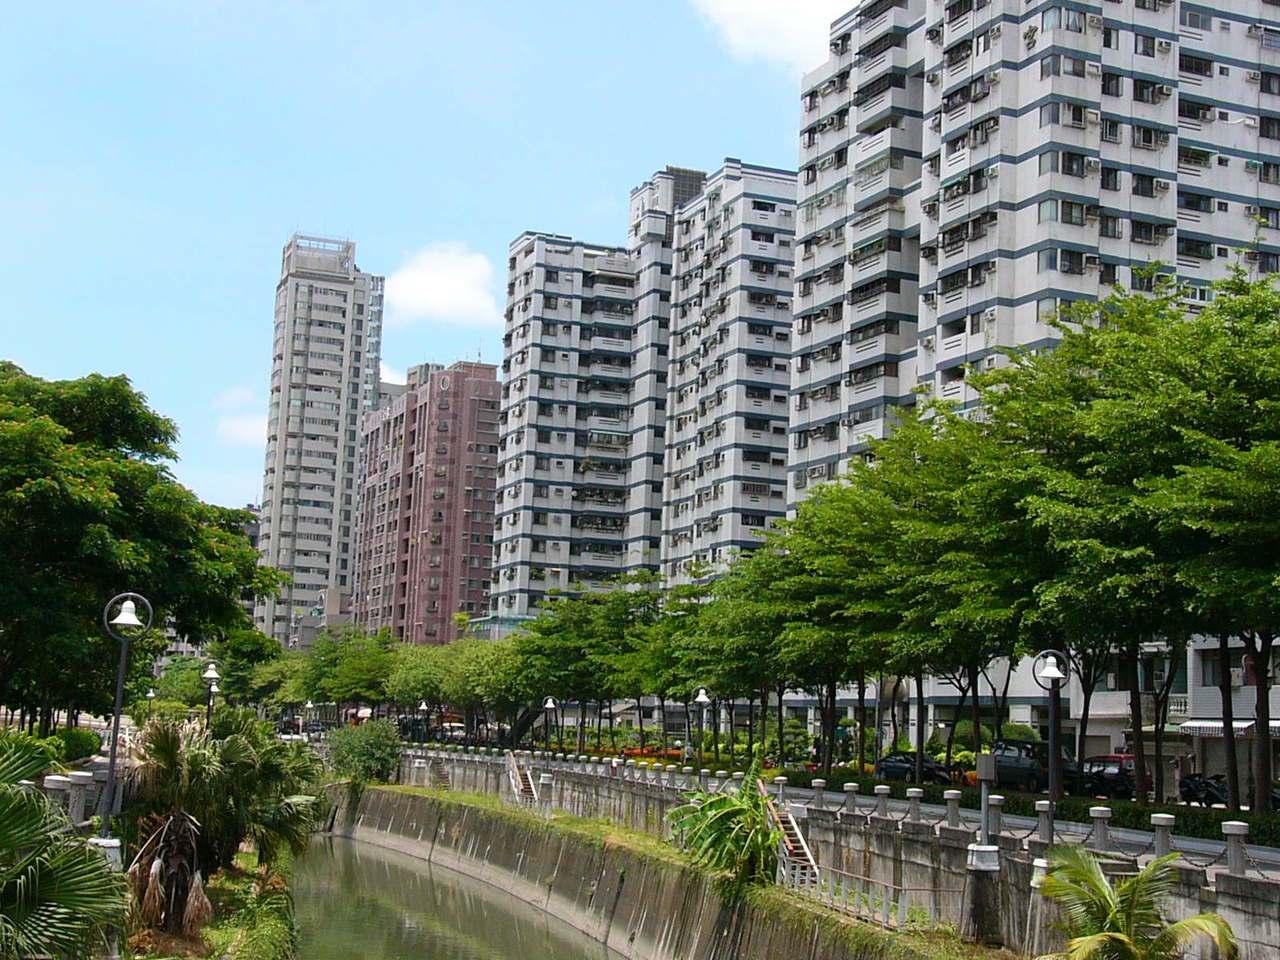 高雄房價與物價較台北低廉許多 圖片來源/聯合報系